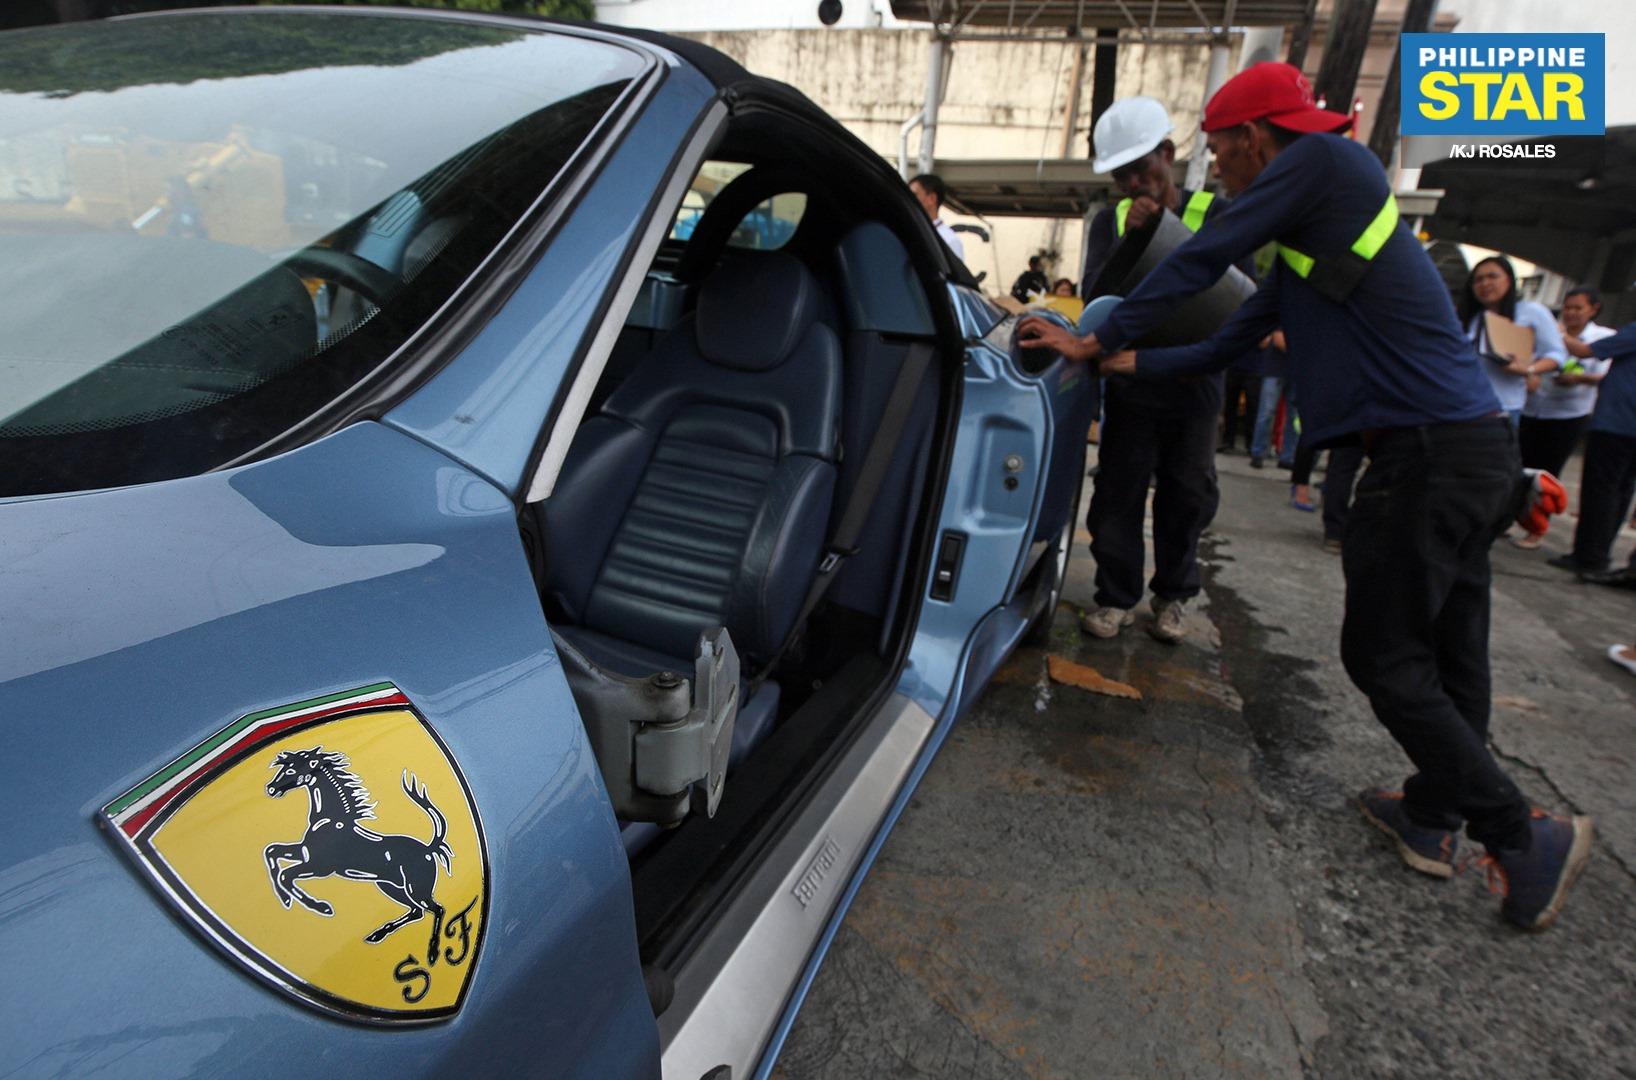 Ferrari-360-Spider-crushed-philippines-3